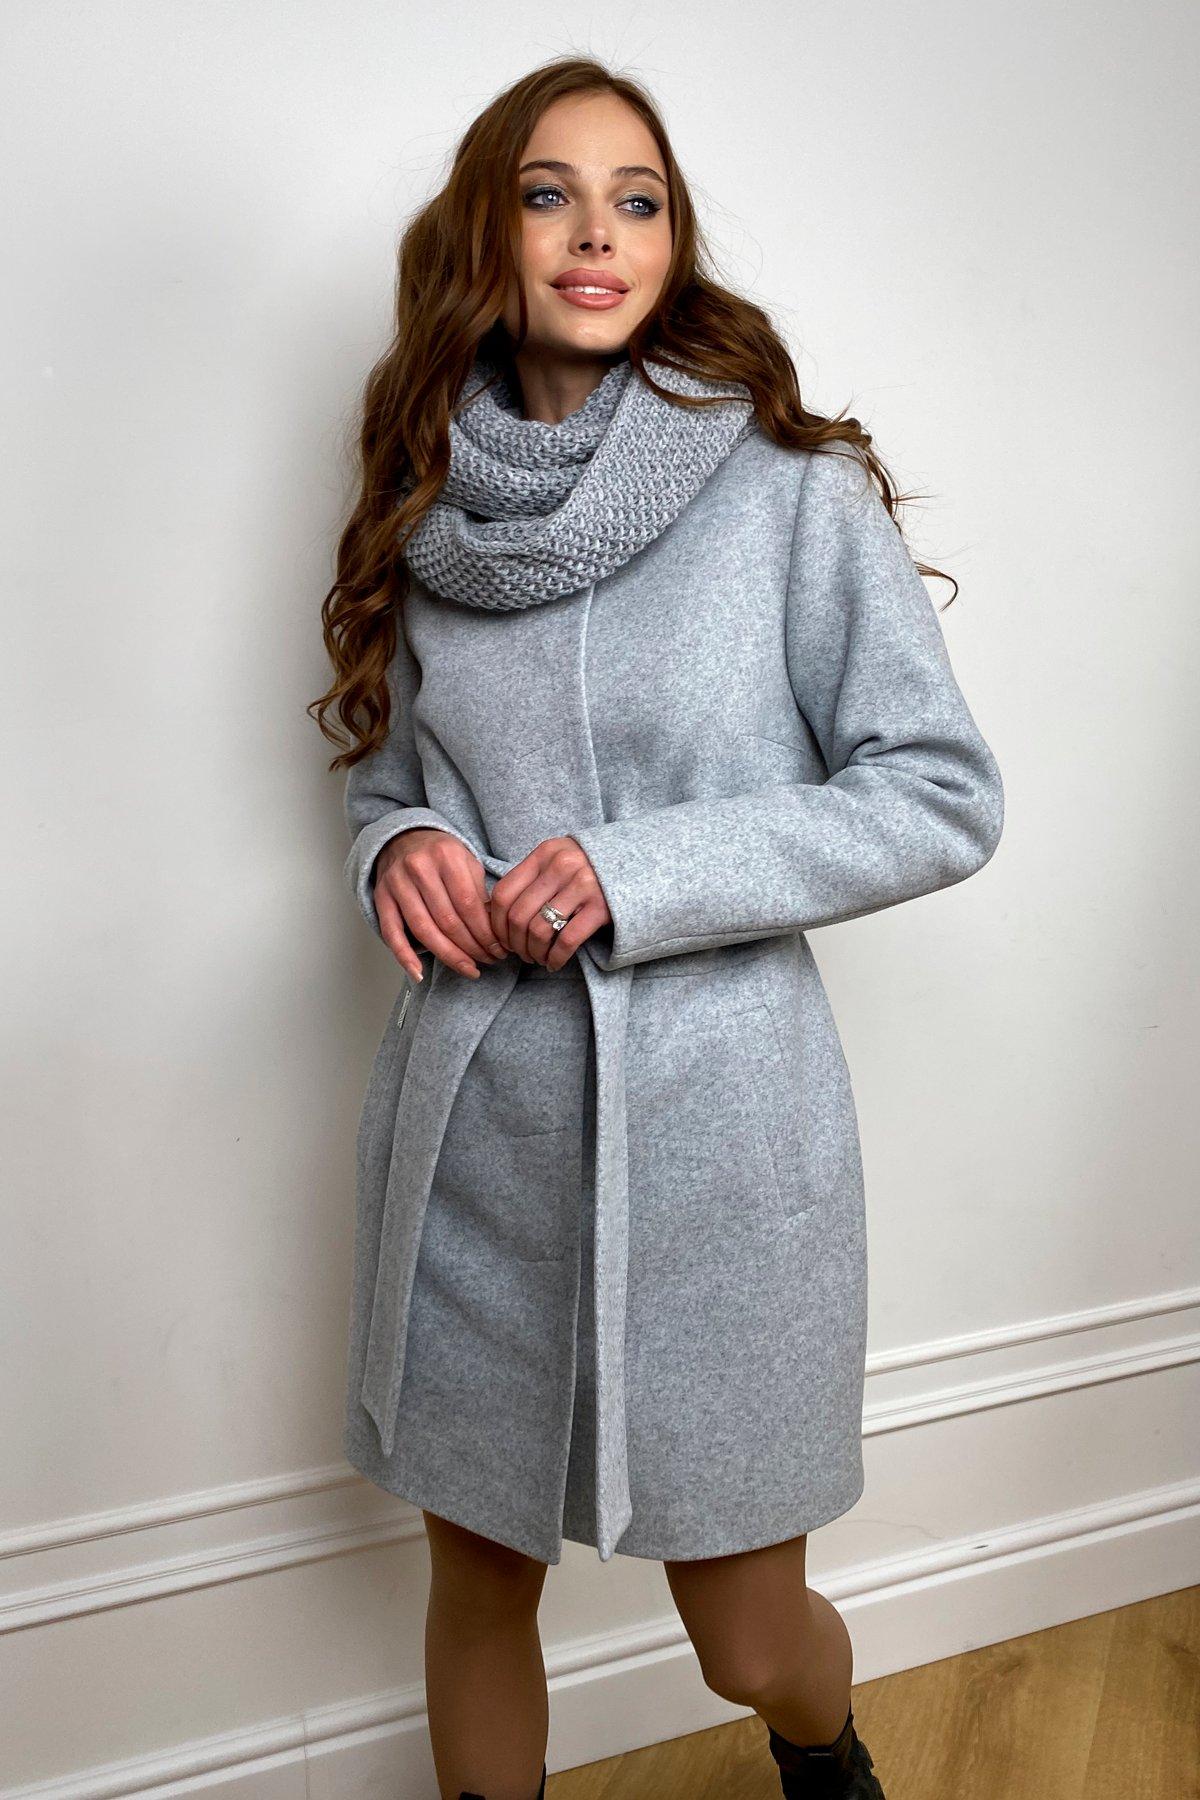 Пальто женское зимнее Габи 8295 с шарфом-трубой АРТ. 44406 Цвет: Серый Светлый 33 - фото 2, интернет магазин tm-modus.ru